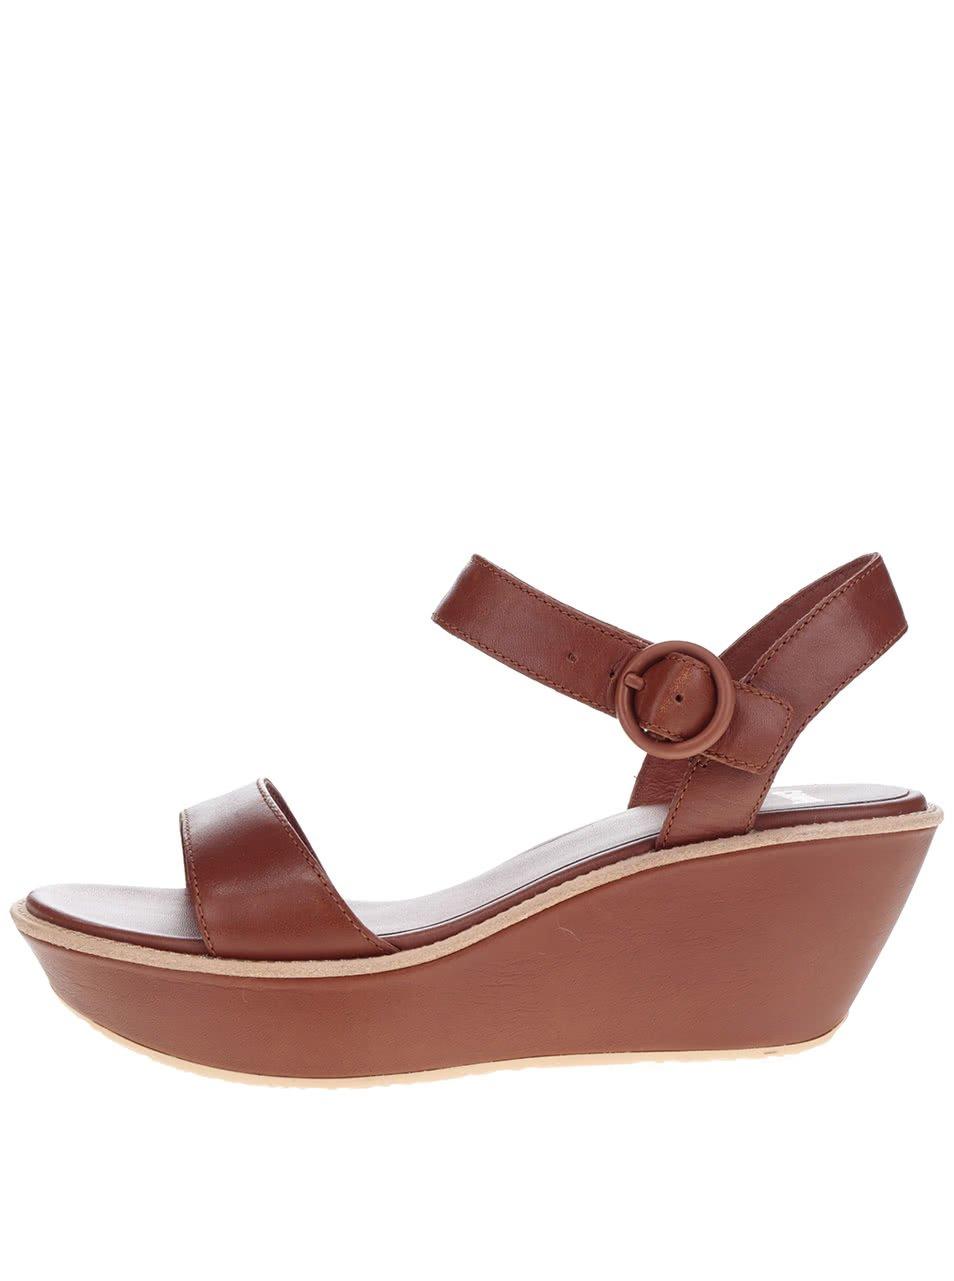 Hnědé dámské kožené sandálky na platformě Camper